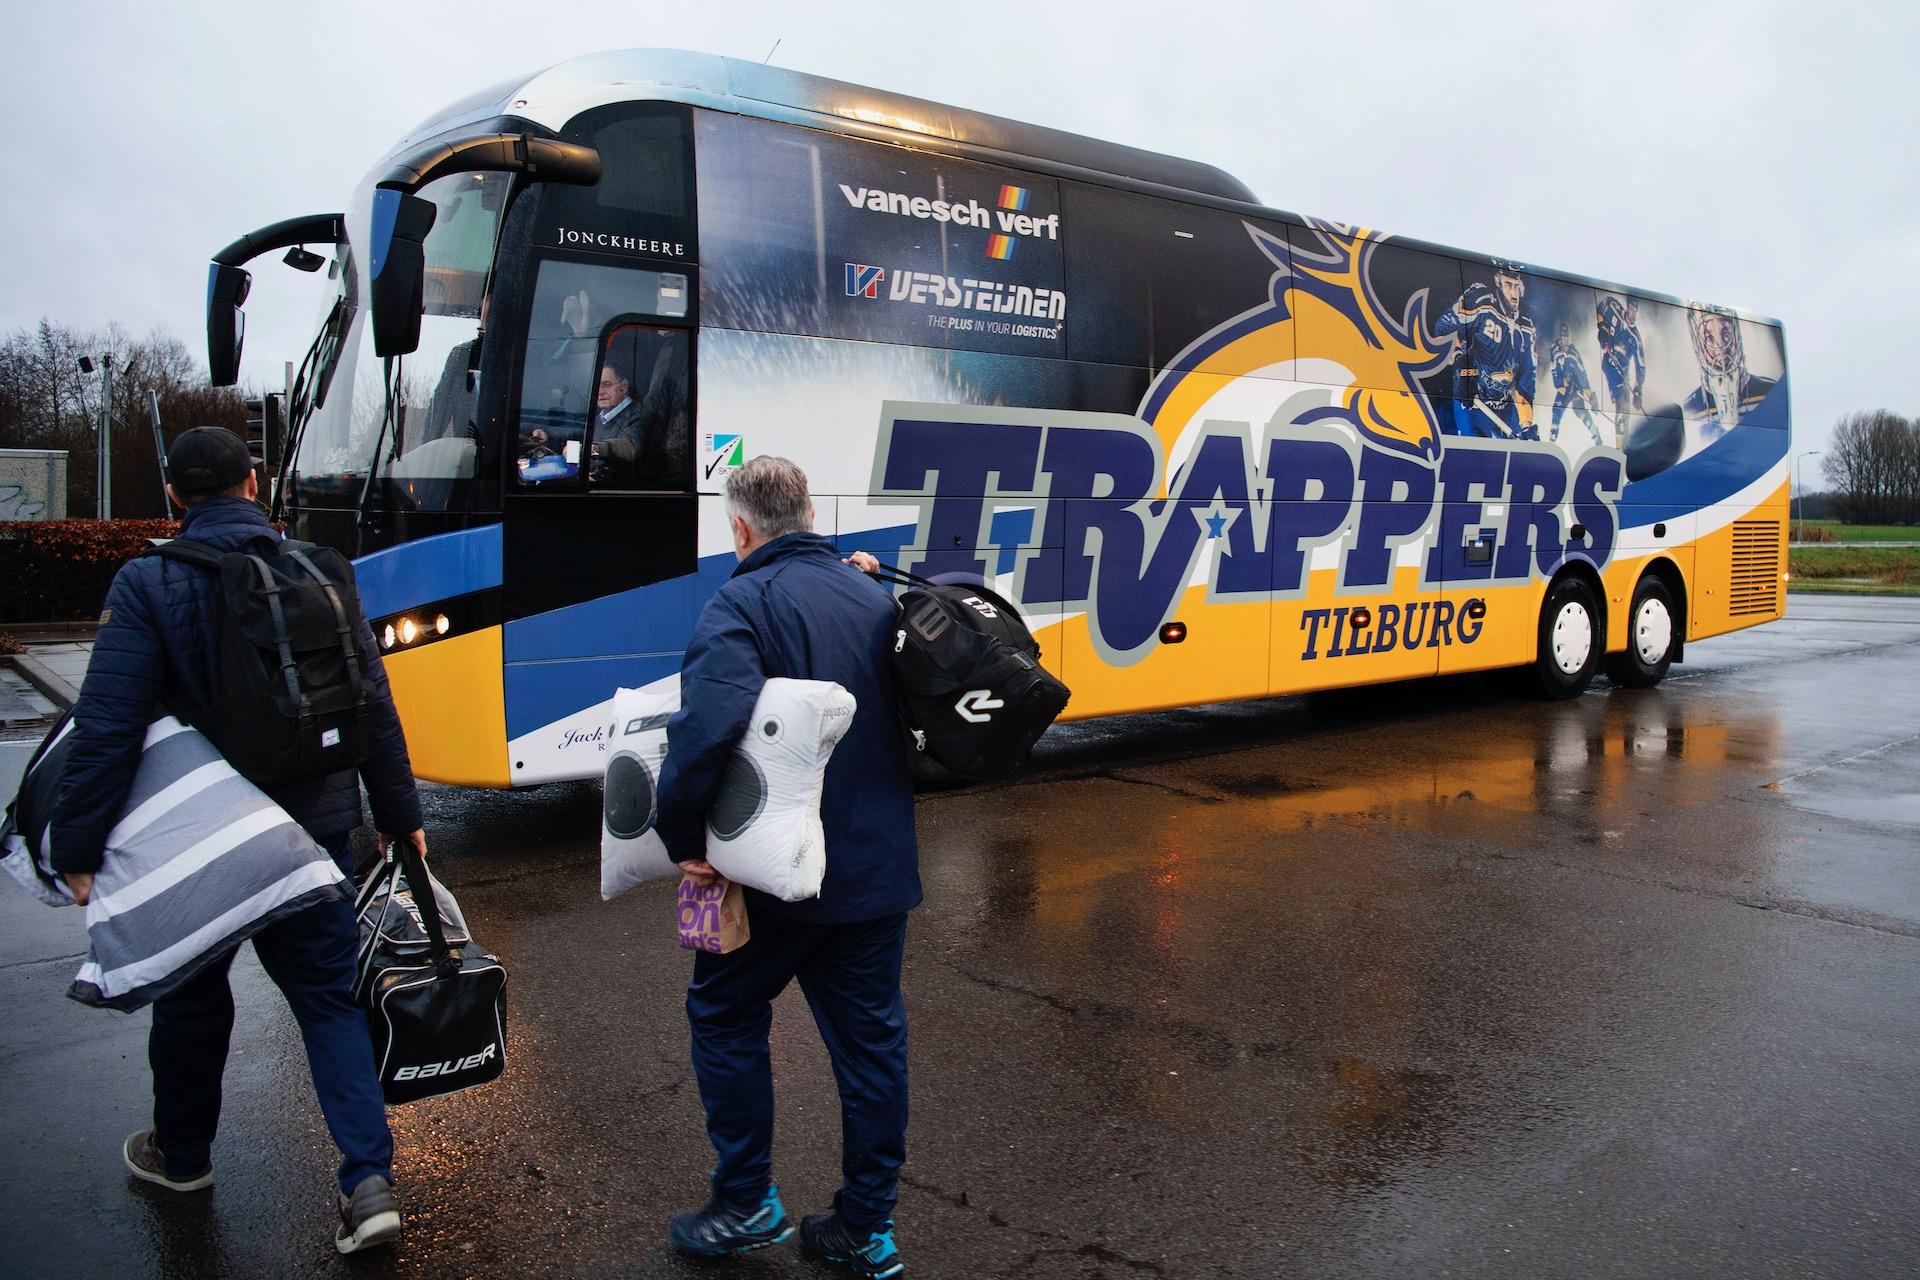 Tilburg, 10-2-2019. Reportage van het Nederlandse ijshockeyteam de Tilburg Trappers spelen in de Duitse competitie tegen Rostock. Dat is een rit van 670 km heen en 670 km terug met hun eigen bus.